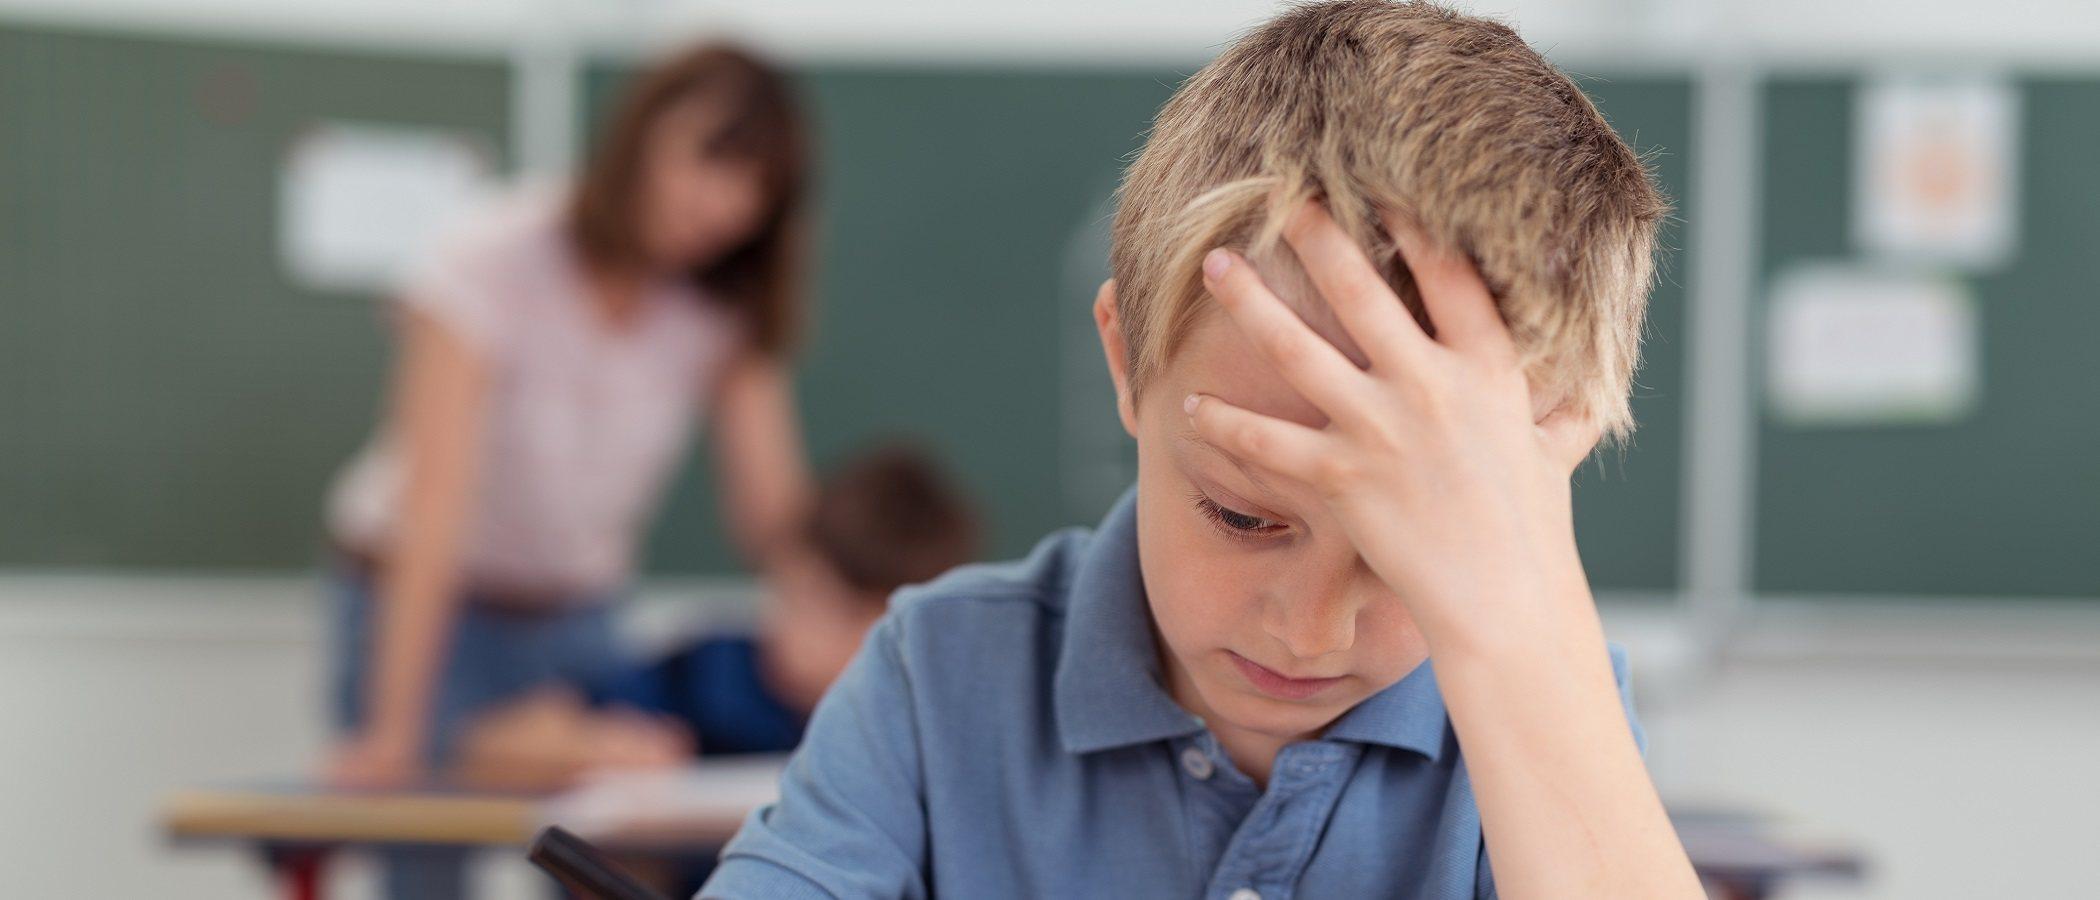 ¿Qué profesionales pueden ayudar con el estrés adolescente?